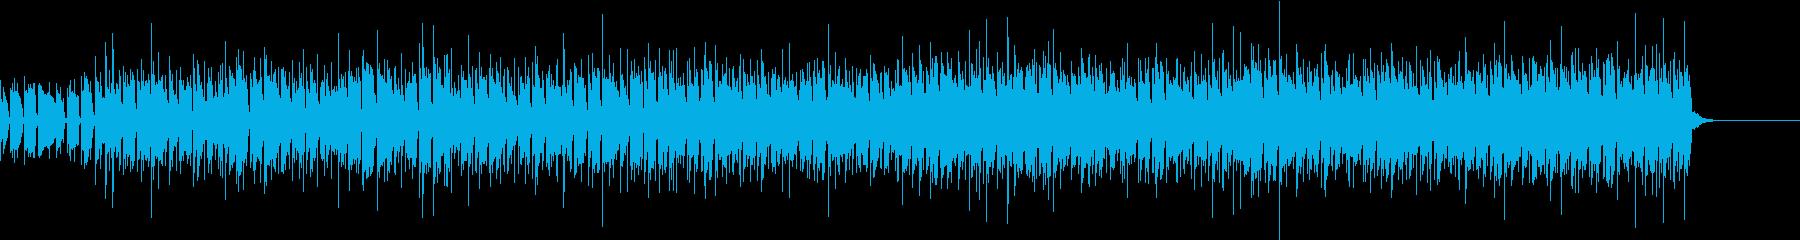 BassとGtのR&Bなセッション風の再生済みの波形